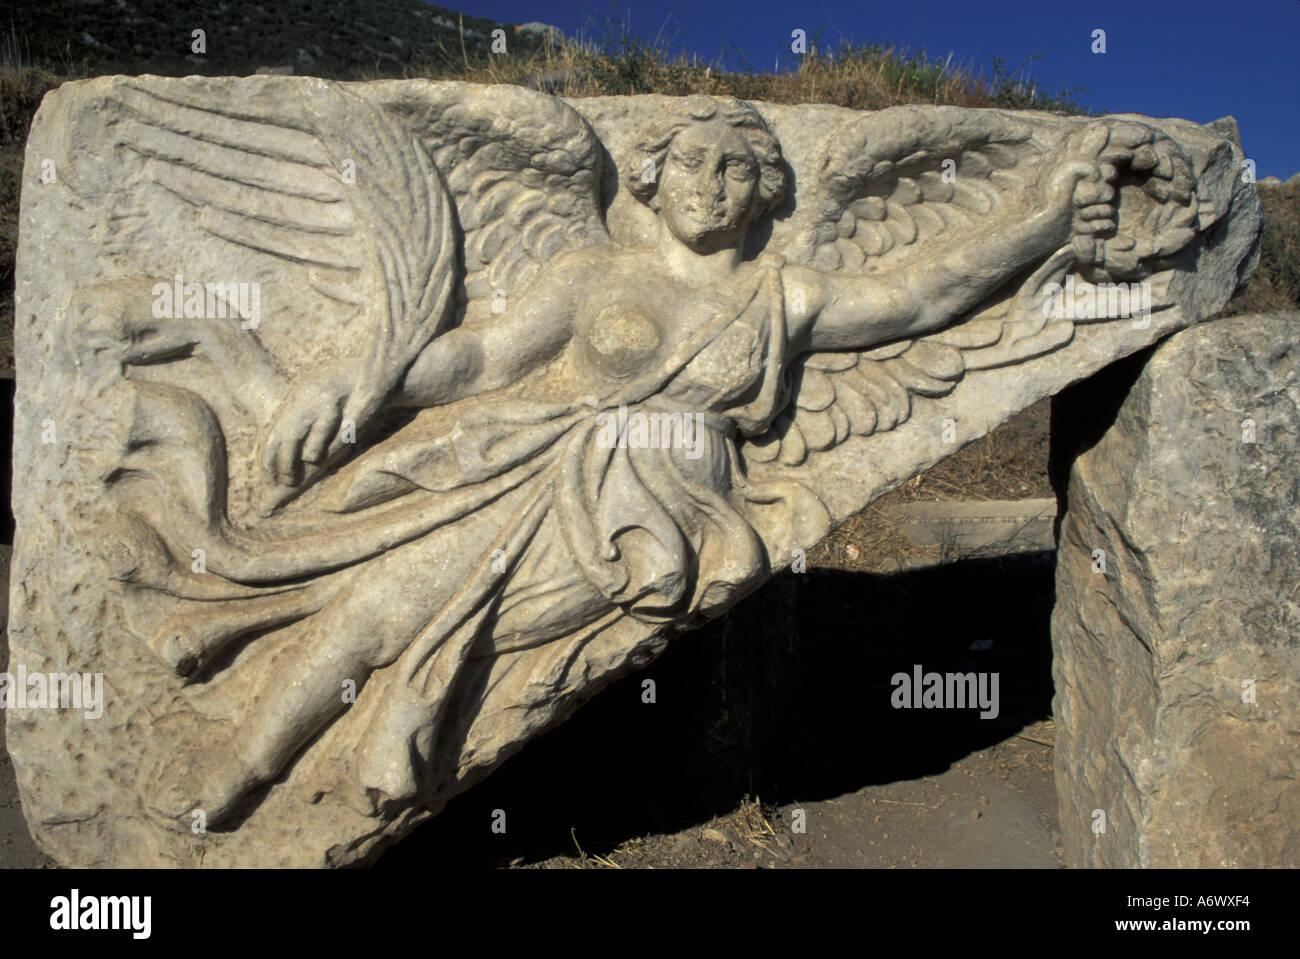 presentación algodón Lágrimas  Turquía, Éfeso. Diosa de Nike, socorro de la escultura de la Diosa en una  tablilla de piedra restaurado en la ciudad de Éfeso Fotografía de stock -  Alamy